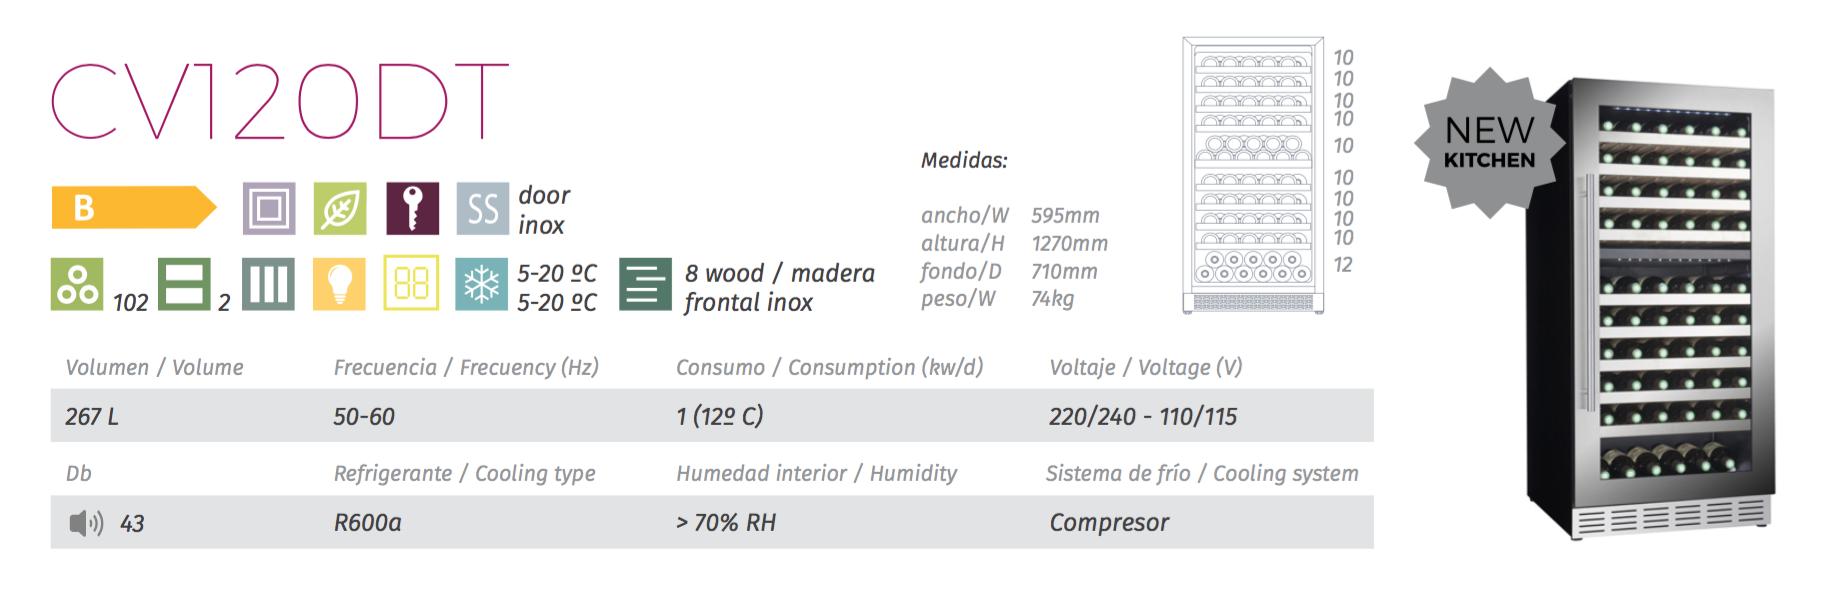 vinoteca cavanova CV120DT tabla caracteristicas